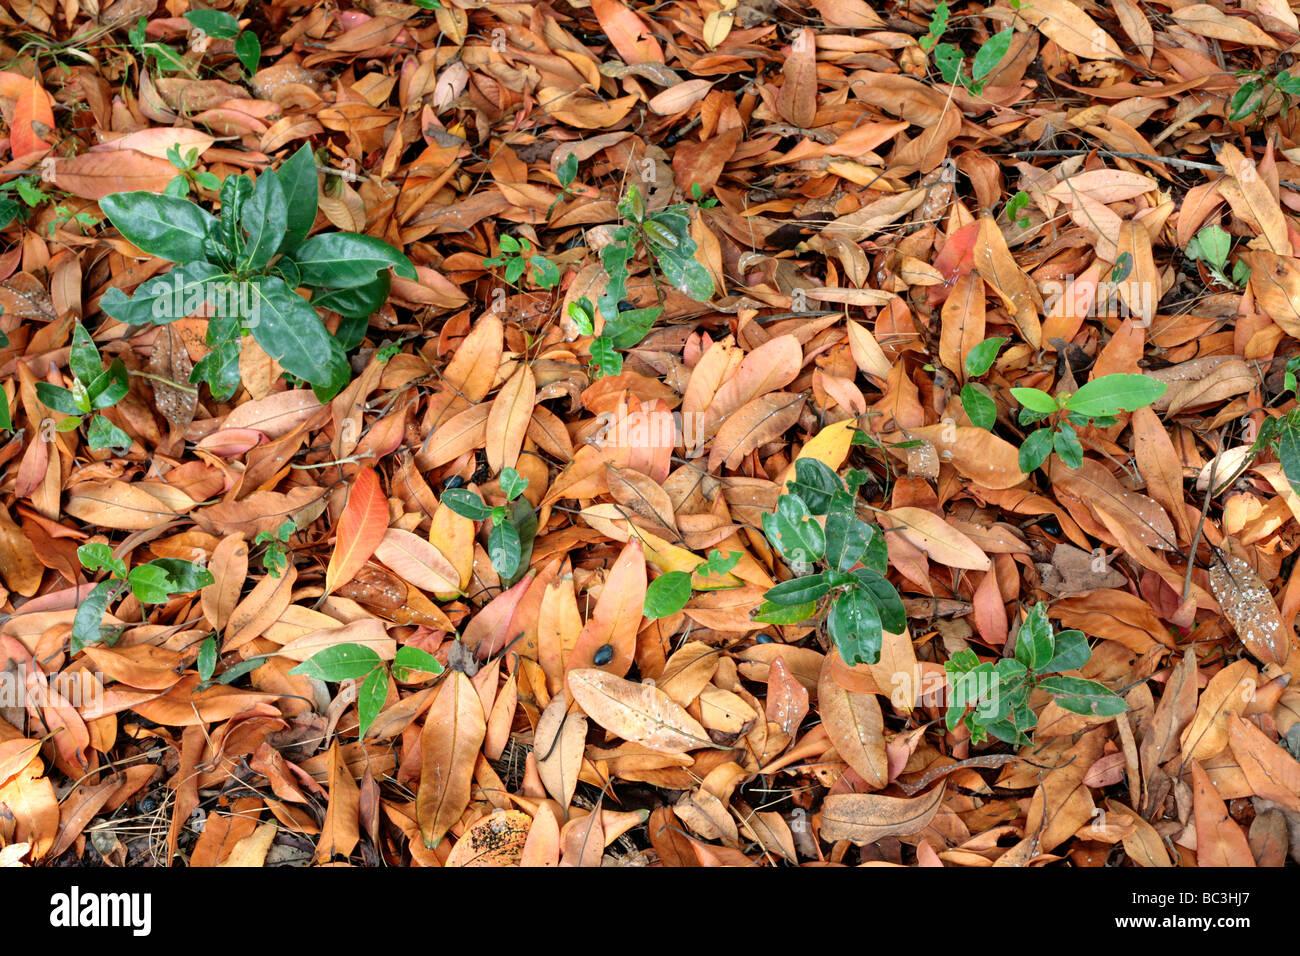 Laurel Waldboden mit Setzlingen, Beeren und alte Blätter Stockbild